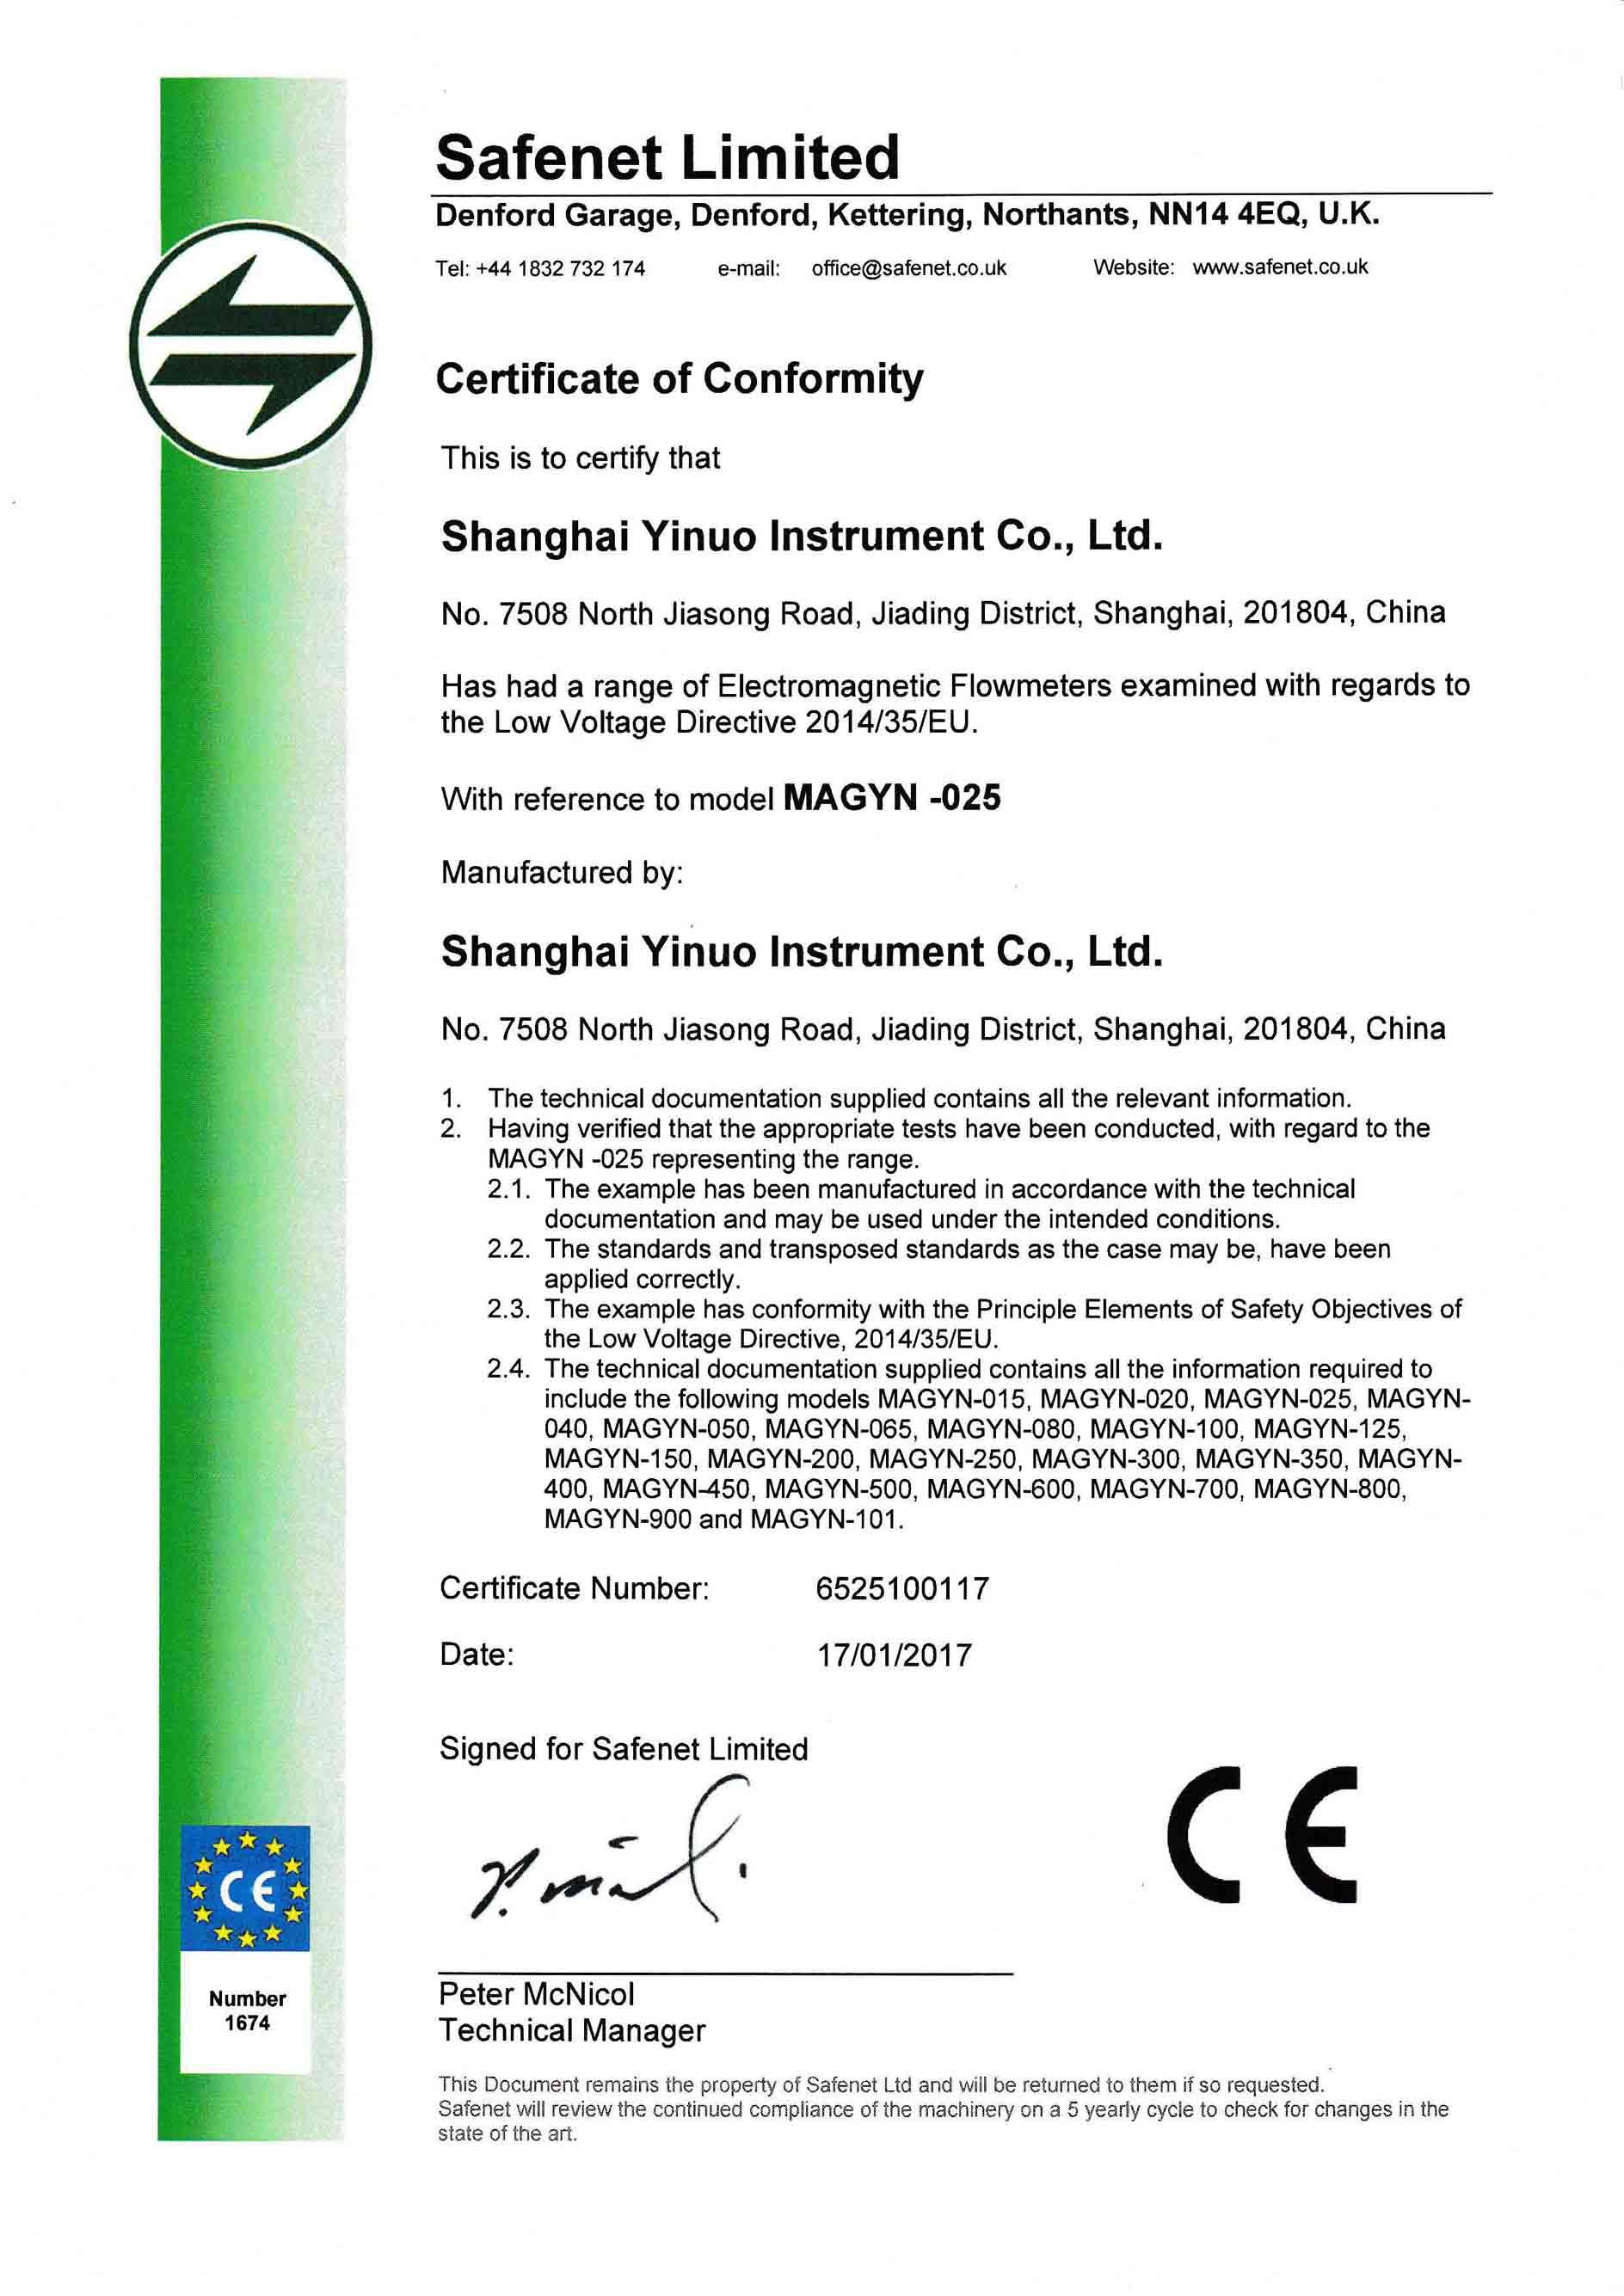 MAGYN LVD Certificate